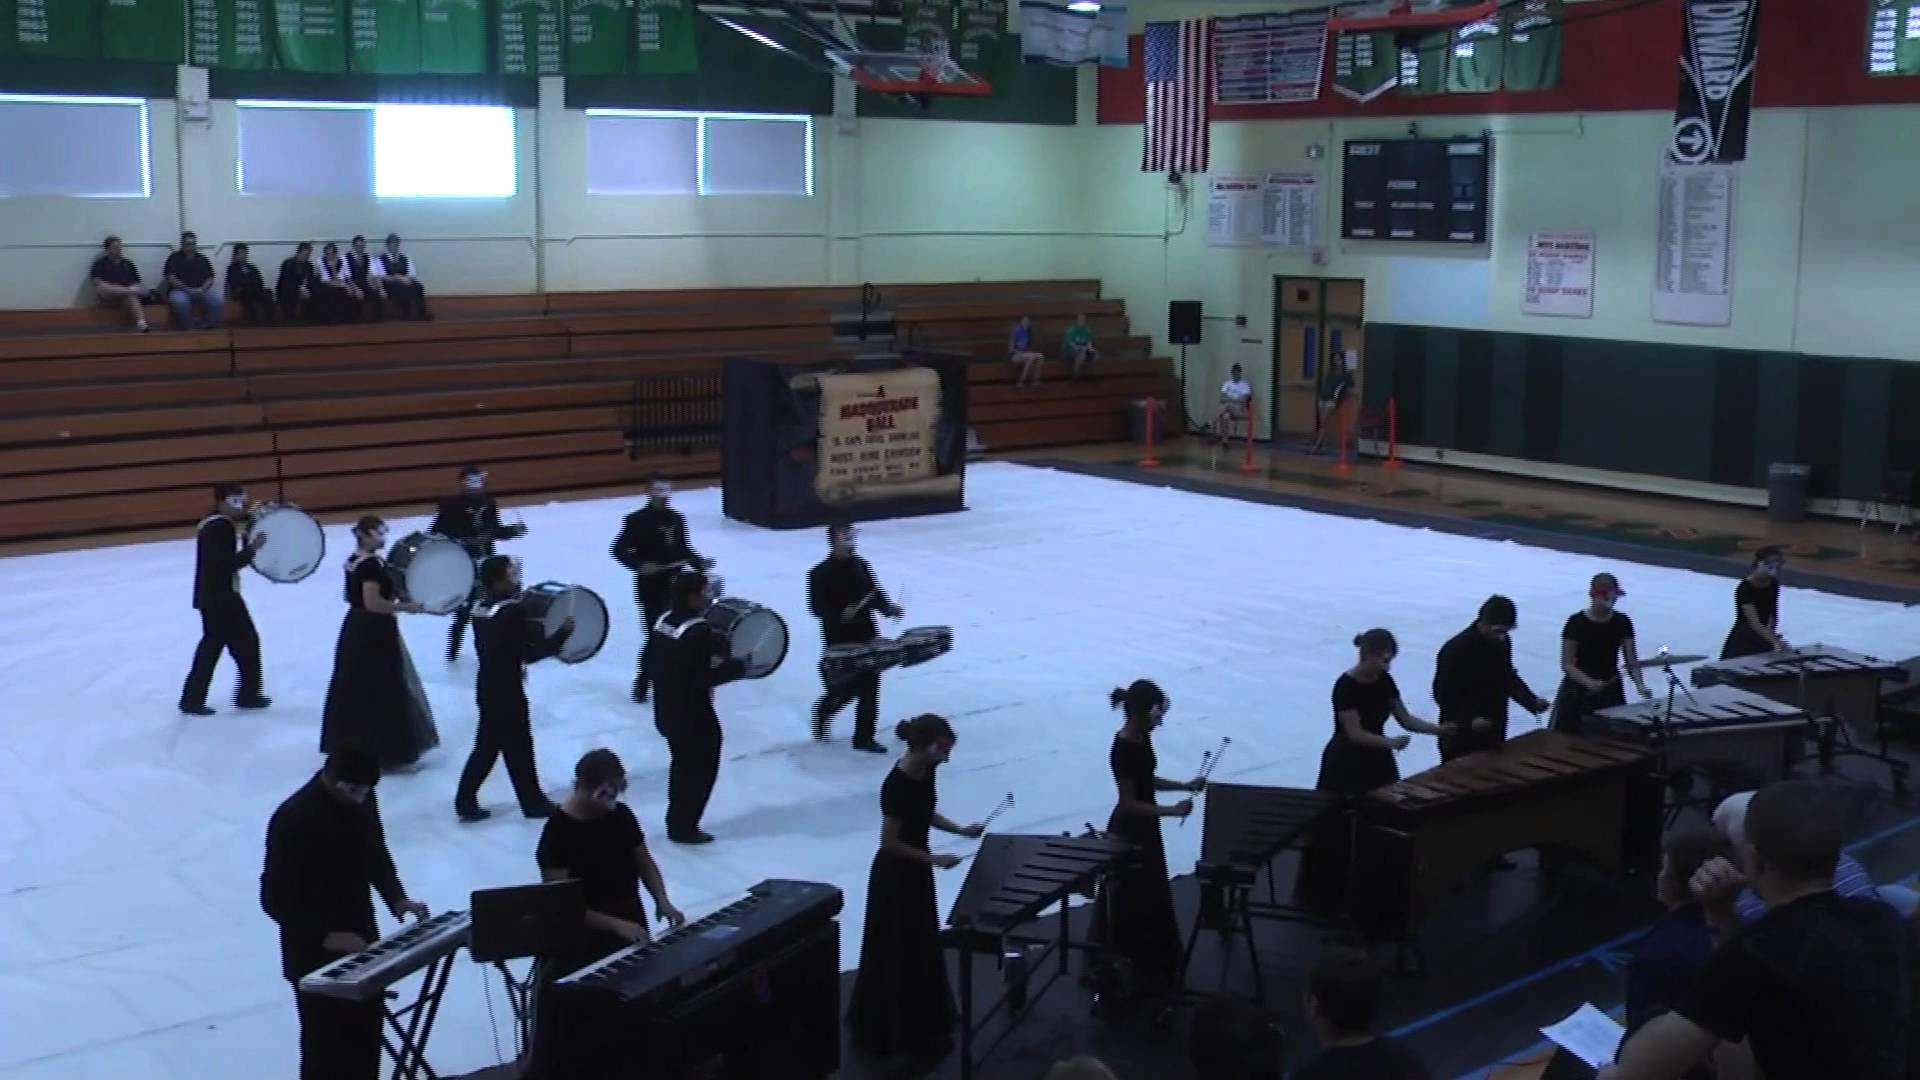 Masque – Cape Coral High School Indoor Drumline 2012 at Seminole High School